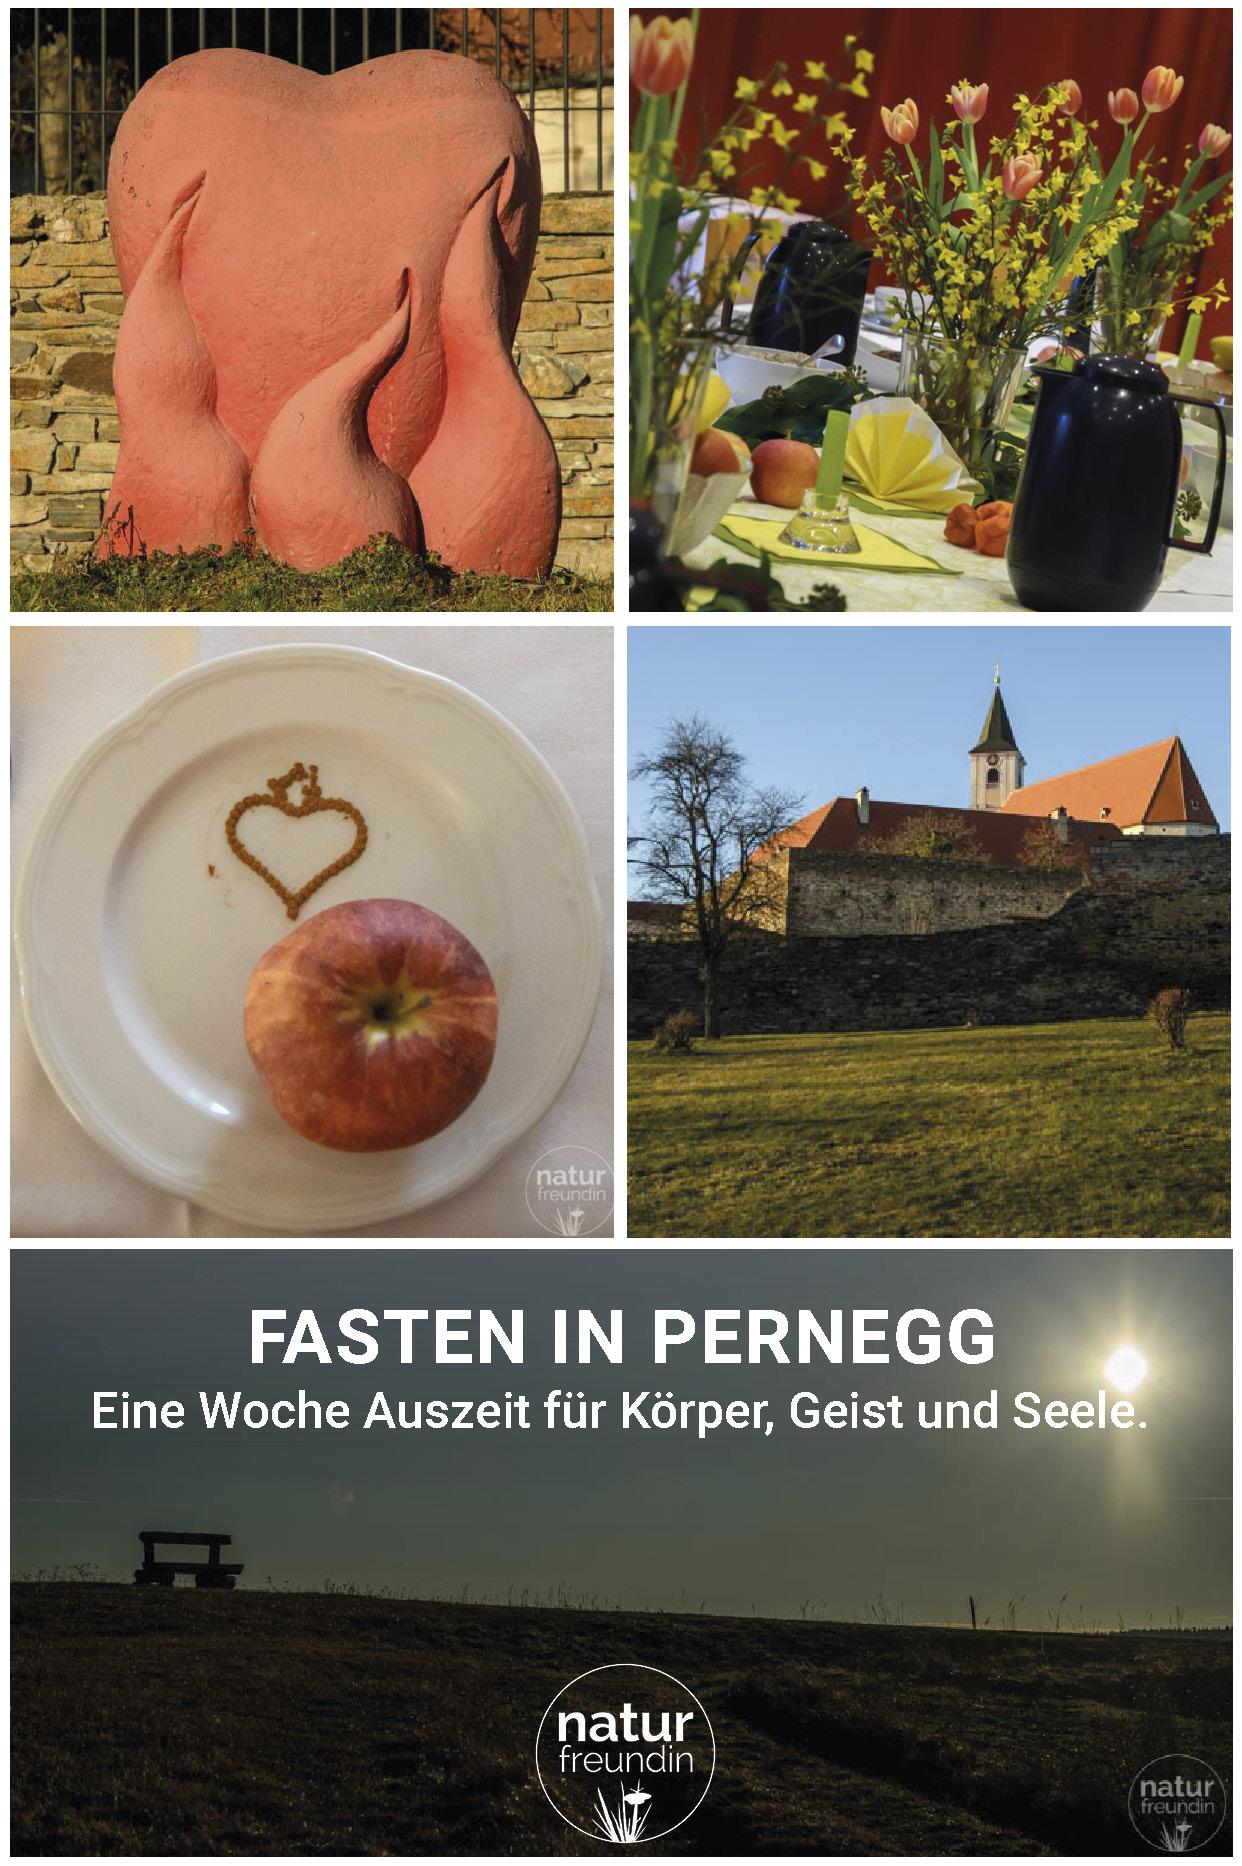 Fastenwoche nach Buchinger im Kloster Pernegg